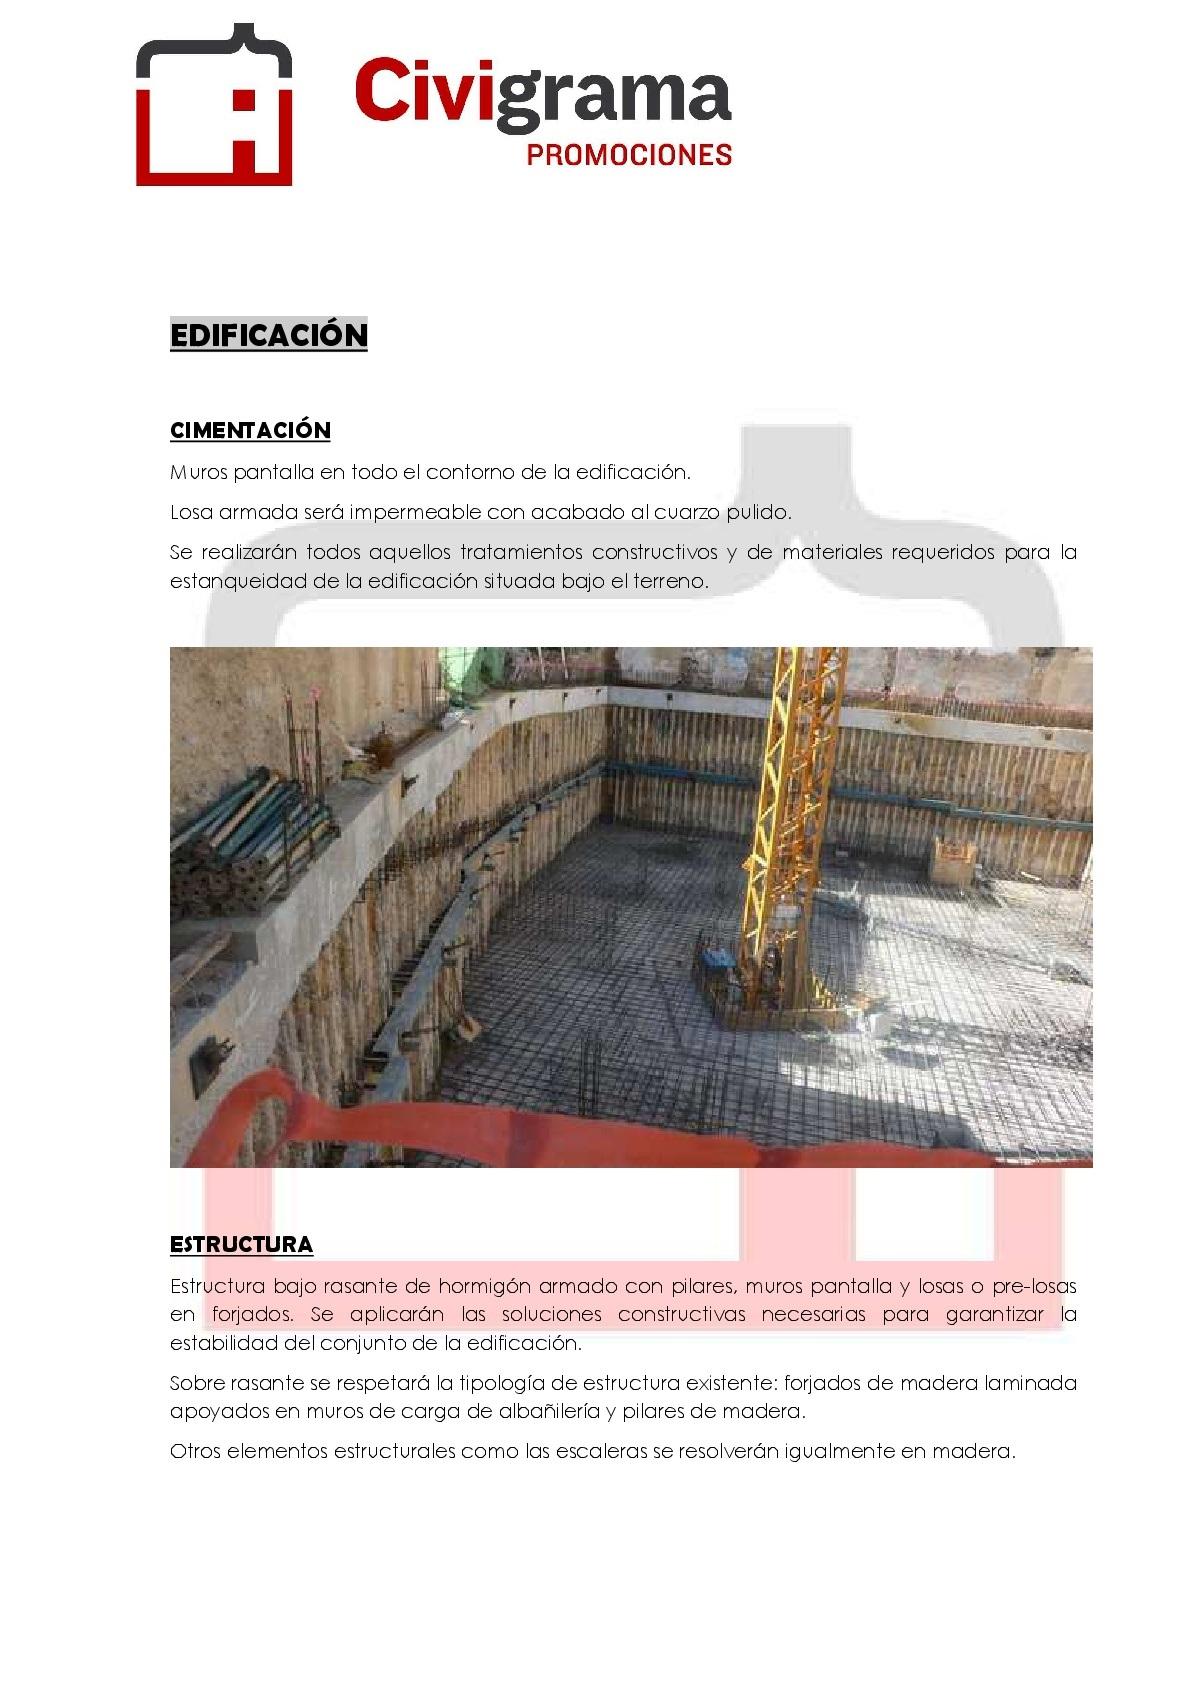 -eu-west-1.amazonaws.com/mobilia/Portals/inmoatrio/Images/3757/2217368